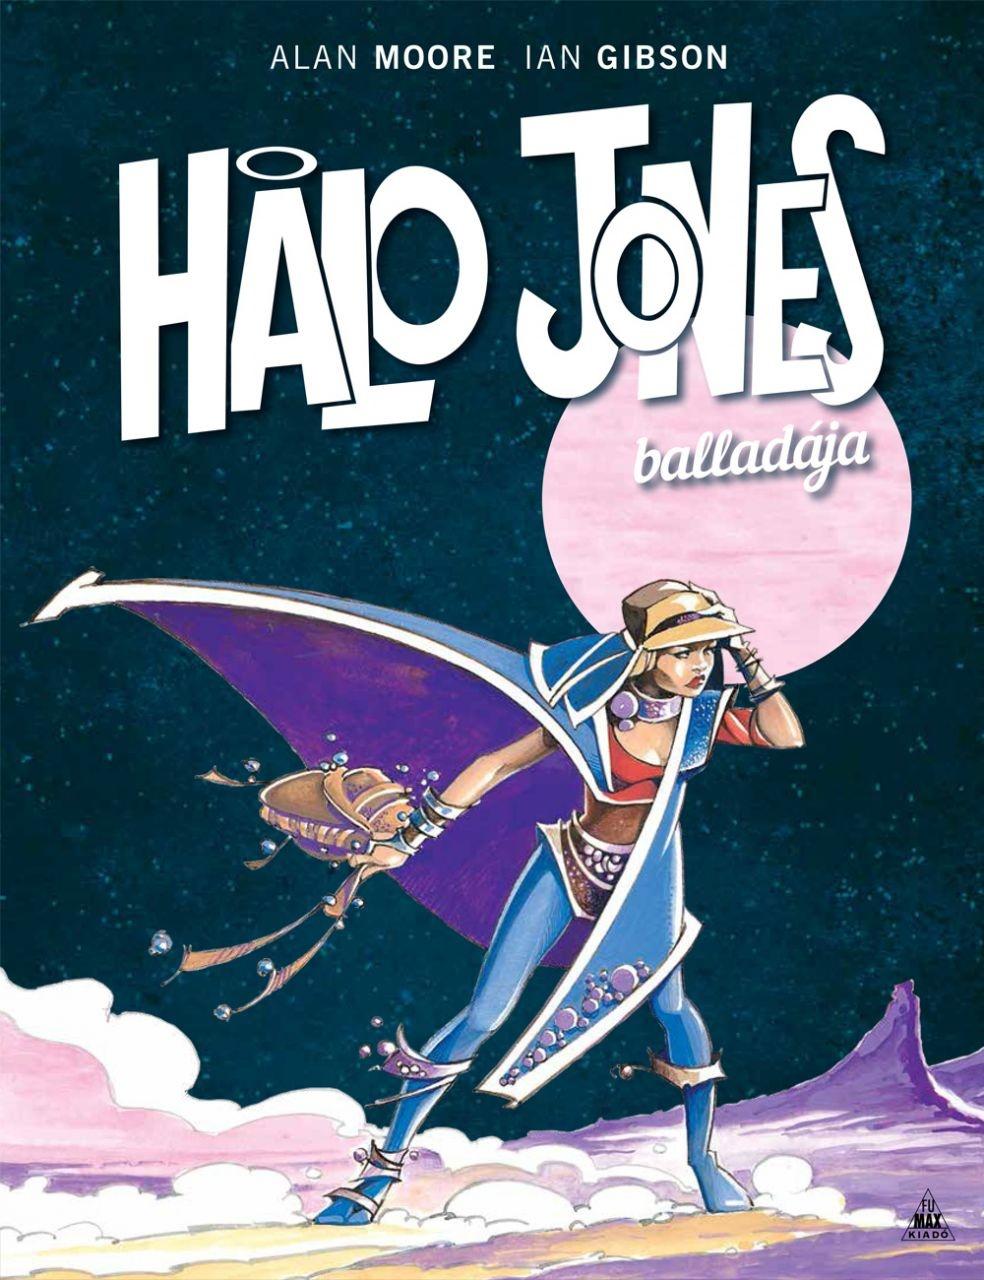 Alan Moore - Halo Jones balladája